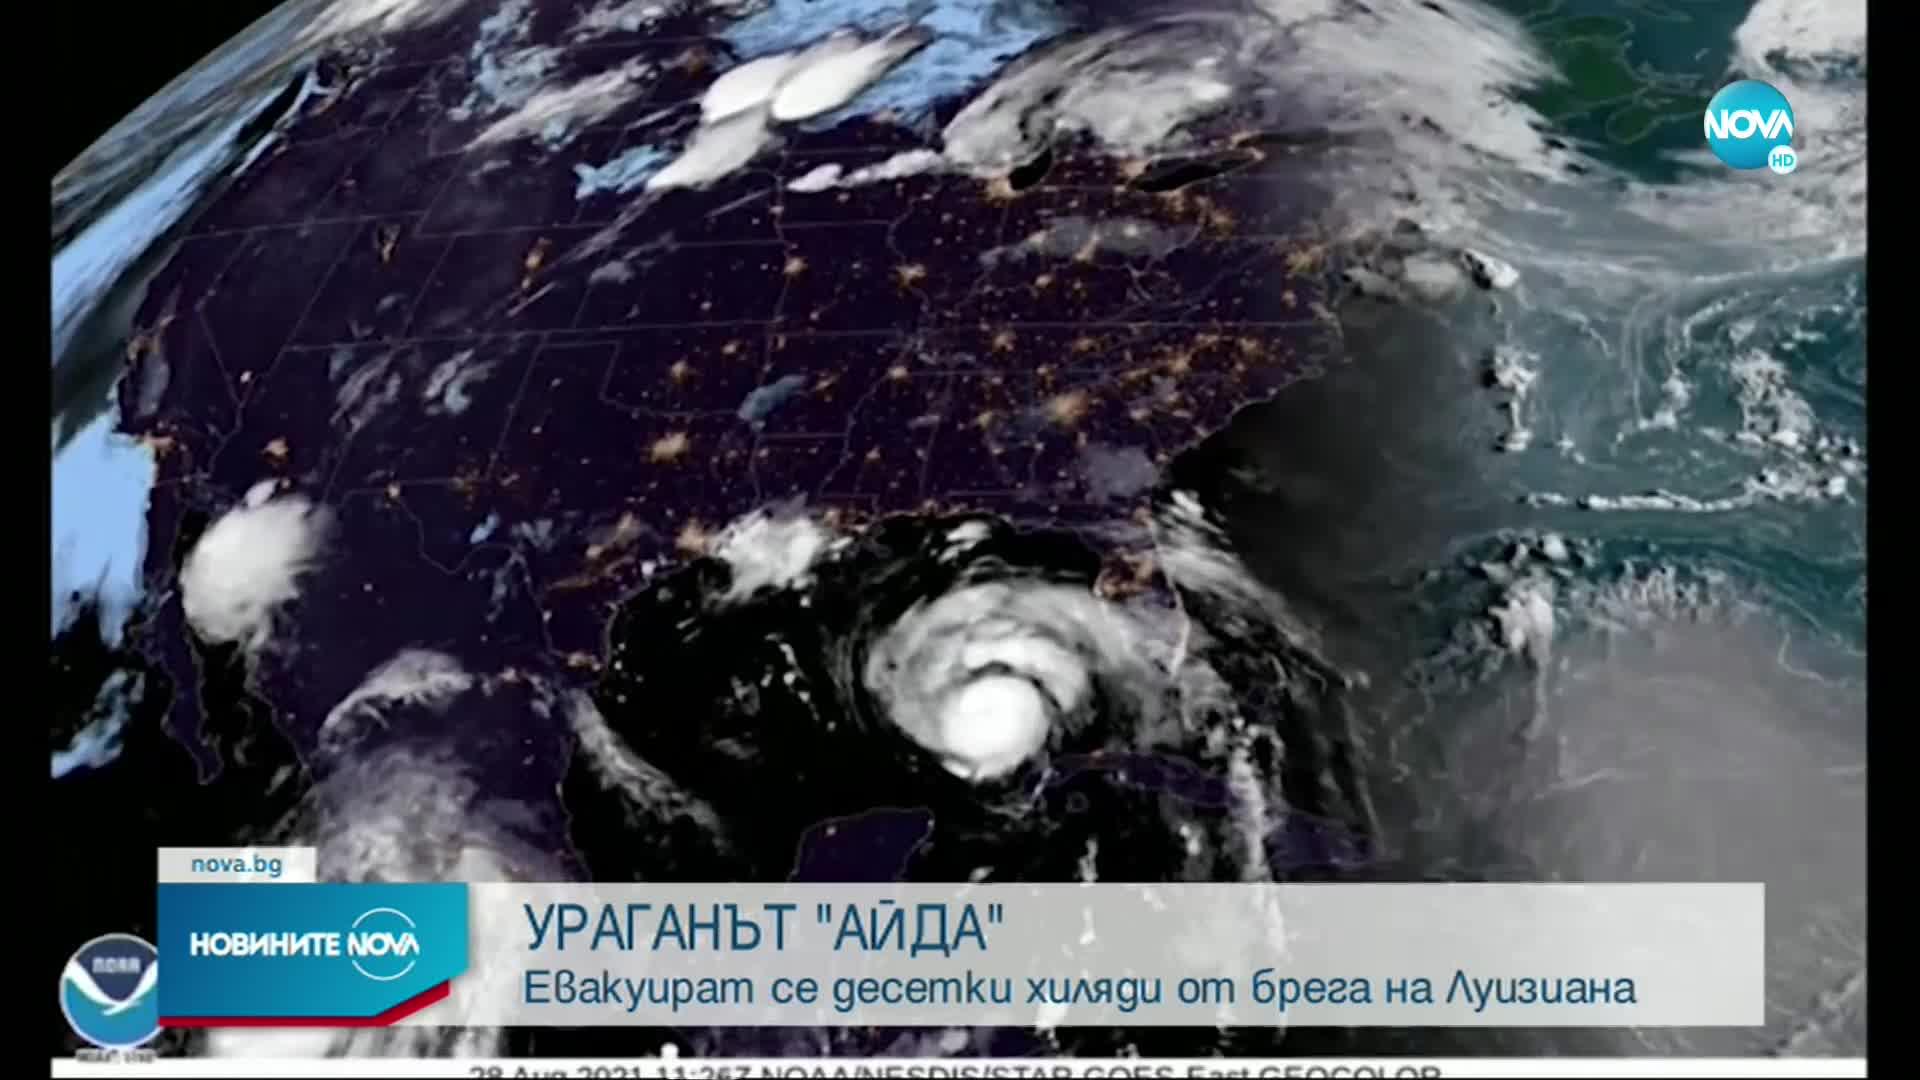 """Ураганът """"Айда"""": Десетки хиляди се евакуират от брега на Луизиана"""